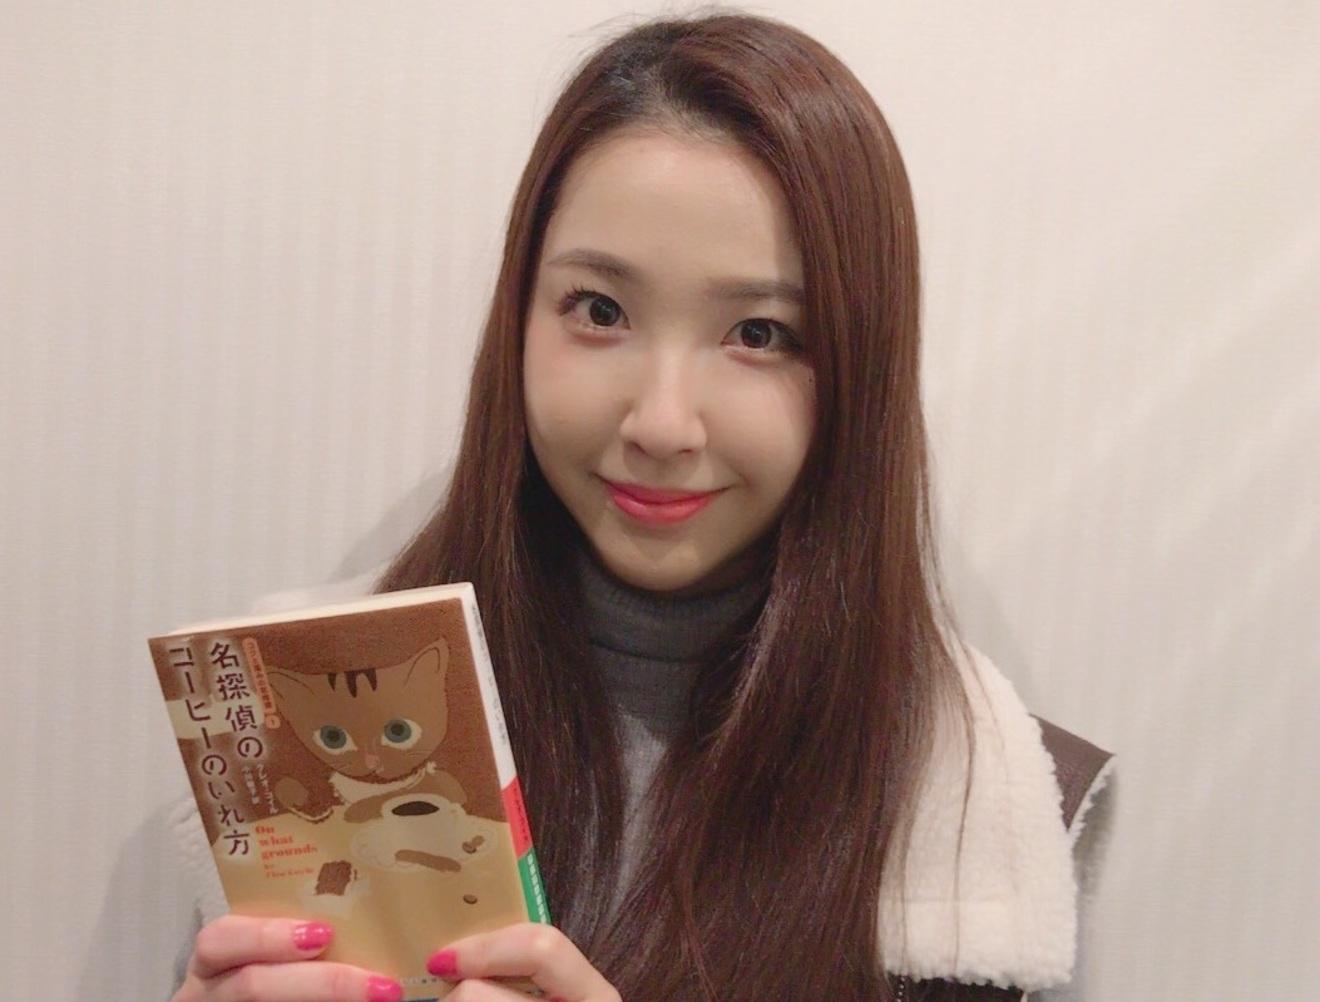 食欲の秋、読むとお腹がすいてくる本3冊【MISAKI】